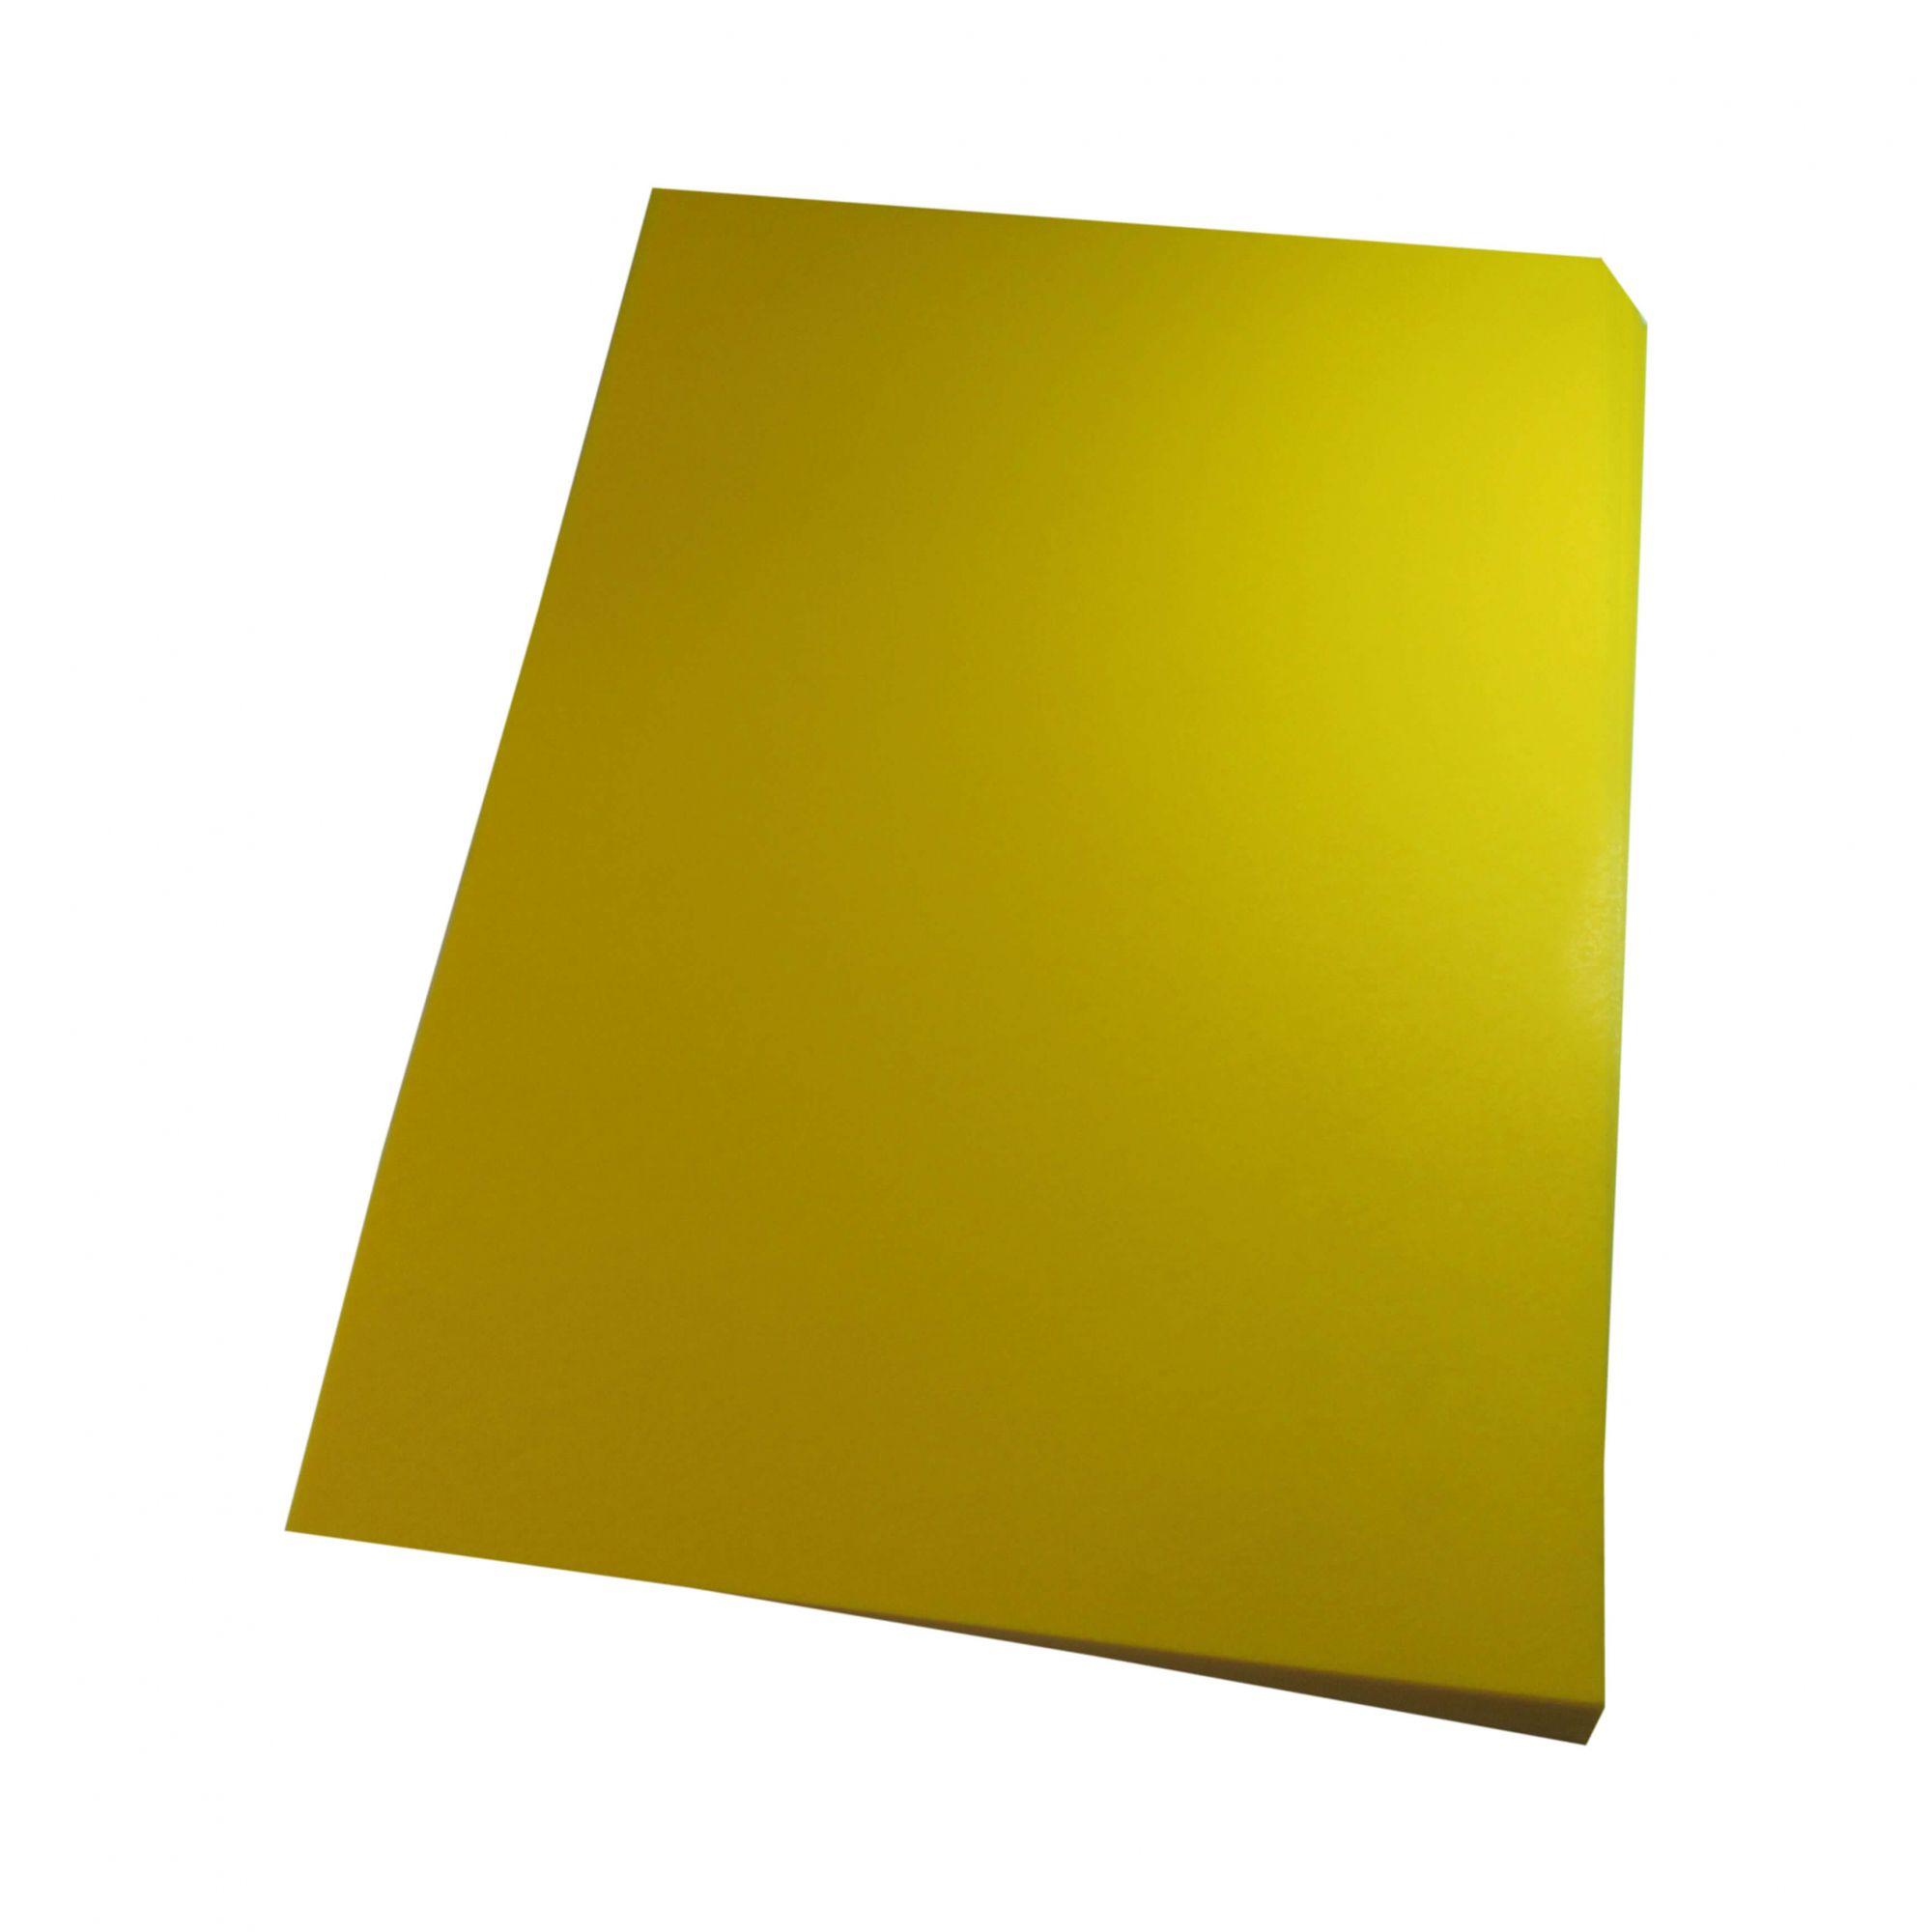 Capa para Encadernação A4 Amarelo Couro Fundo PP 0,30 100un